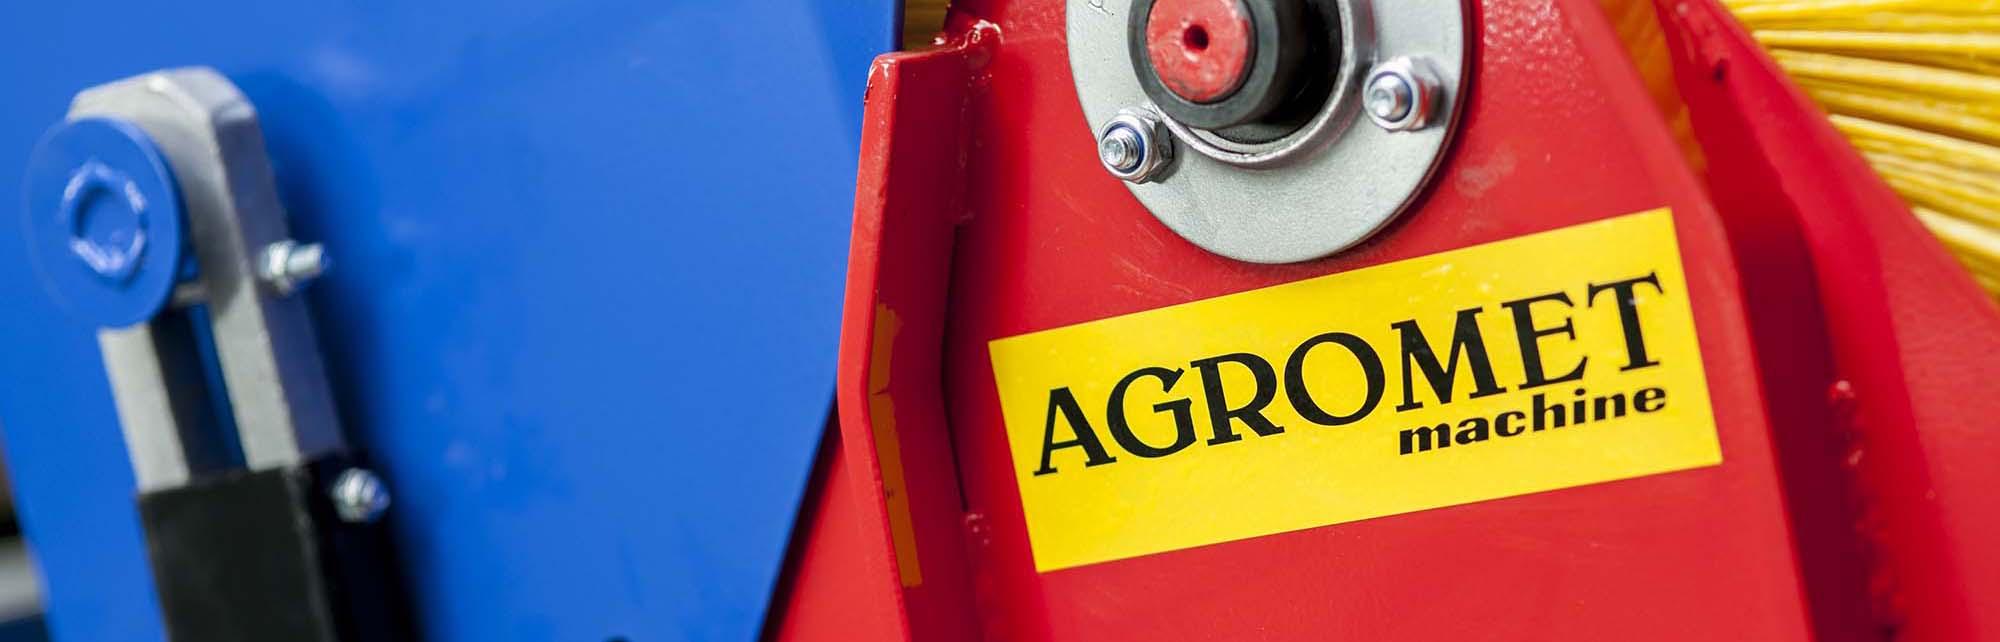 Agromet machines - landbouwmachines van Zonderland Machinehandel uit Joure